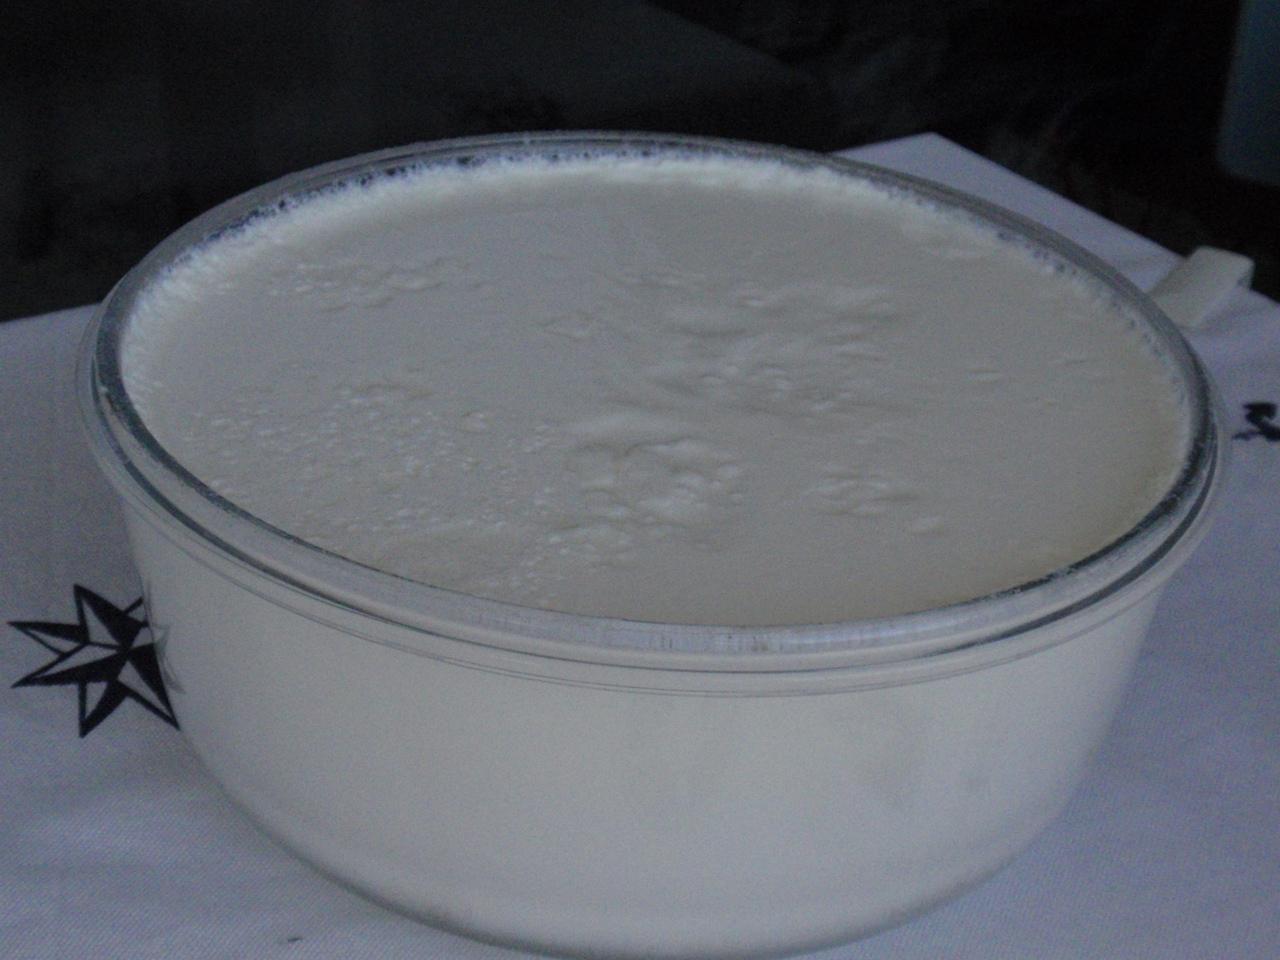 Evde yoğurt yapımı